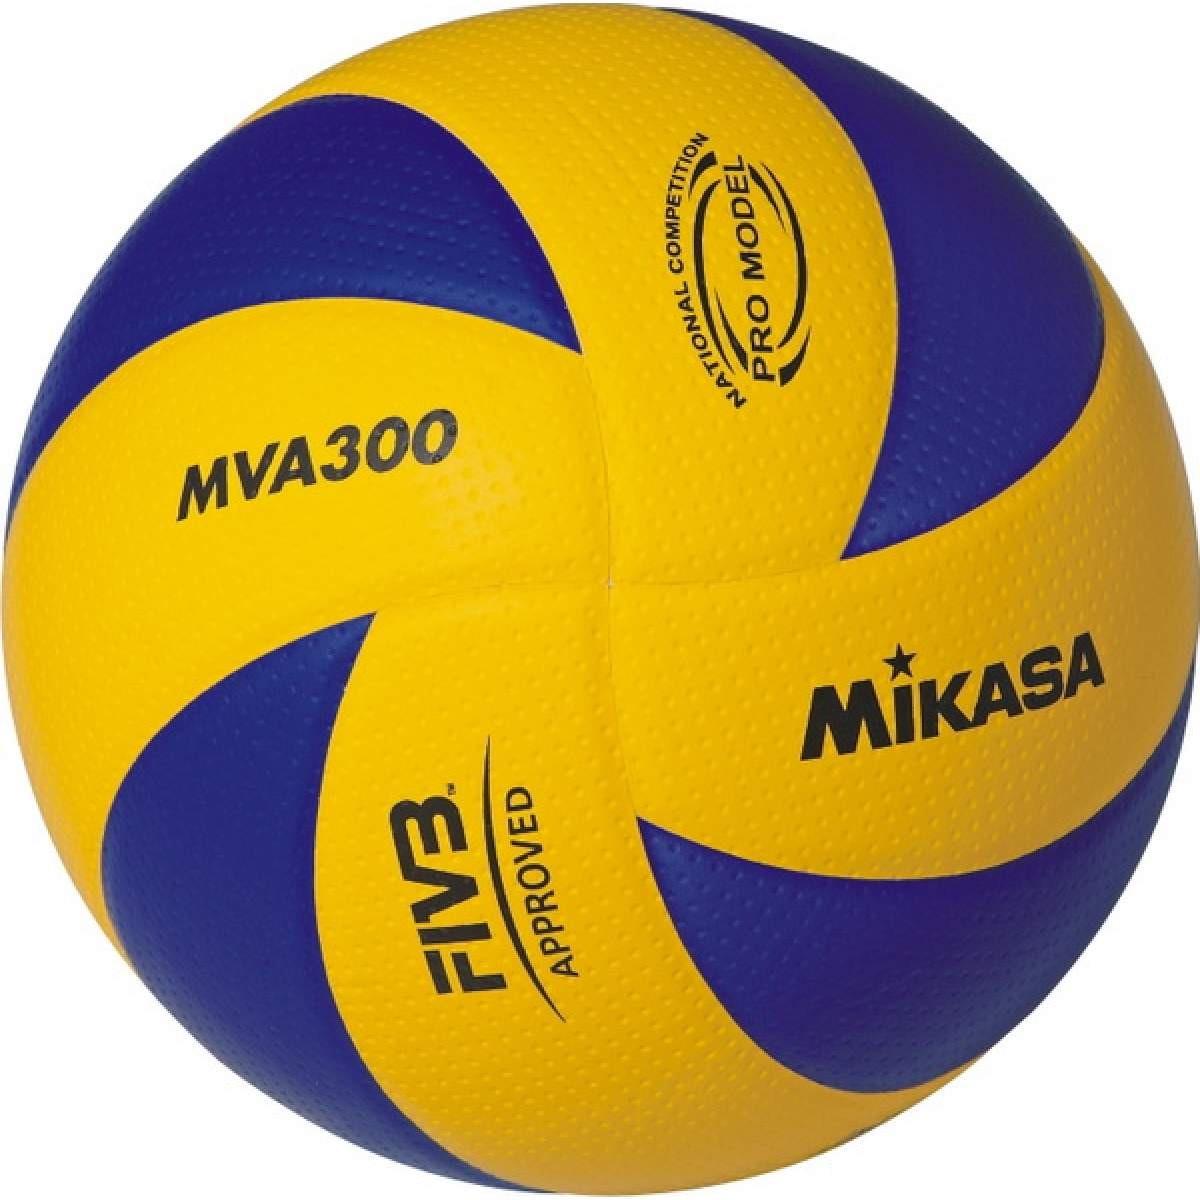 Мяч волейбольный Mikasa, MVA300, синий, желтый, размер 5 мяч волейбольный mikasa mva300l облегченная реплика официального мяча fivb